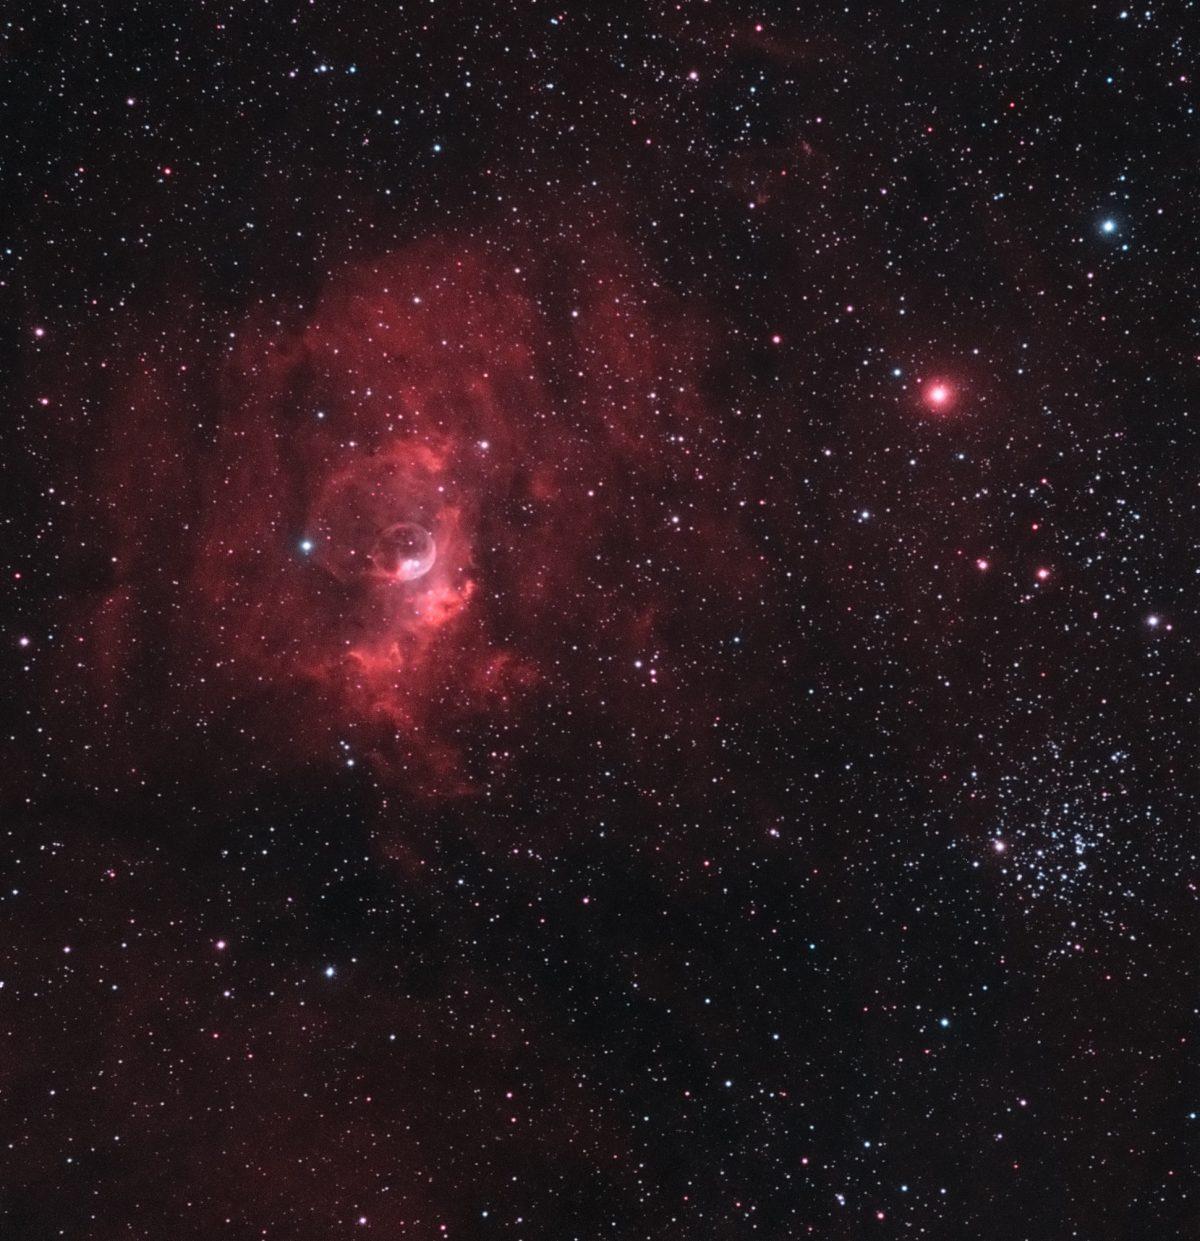 Bublle LRGB 1200x1241 - BUBBLE NEBULA NGC 7635